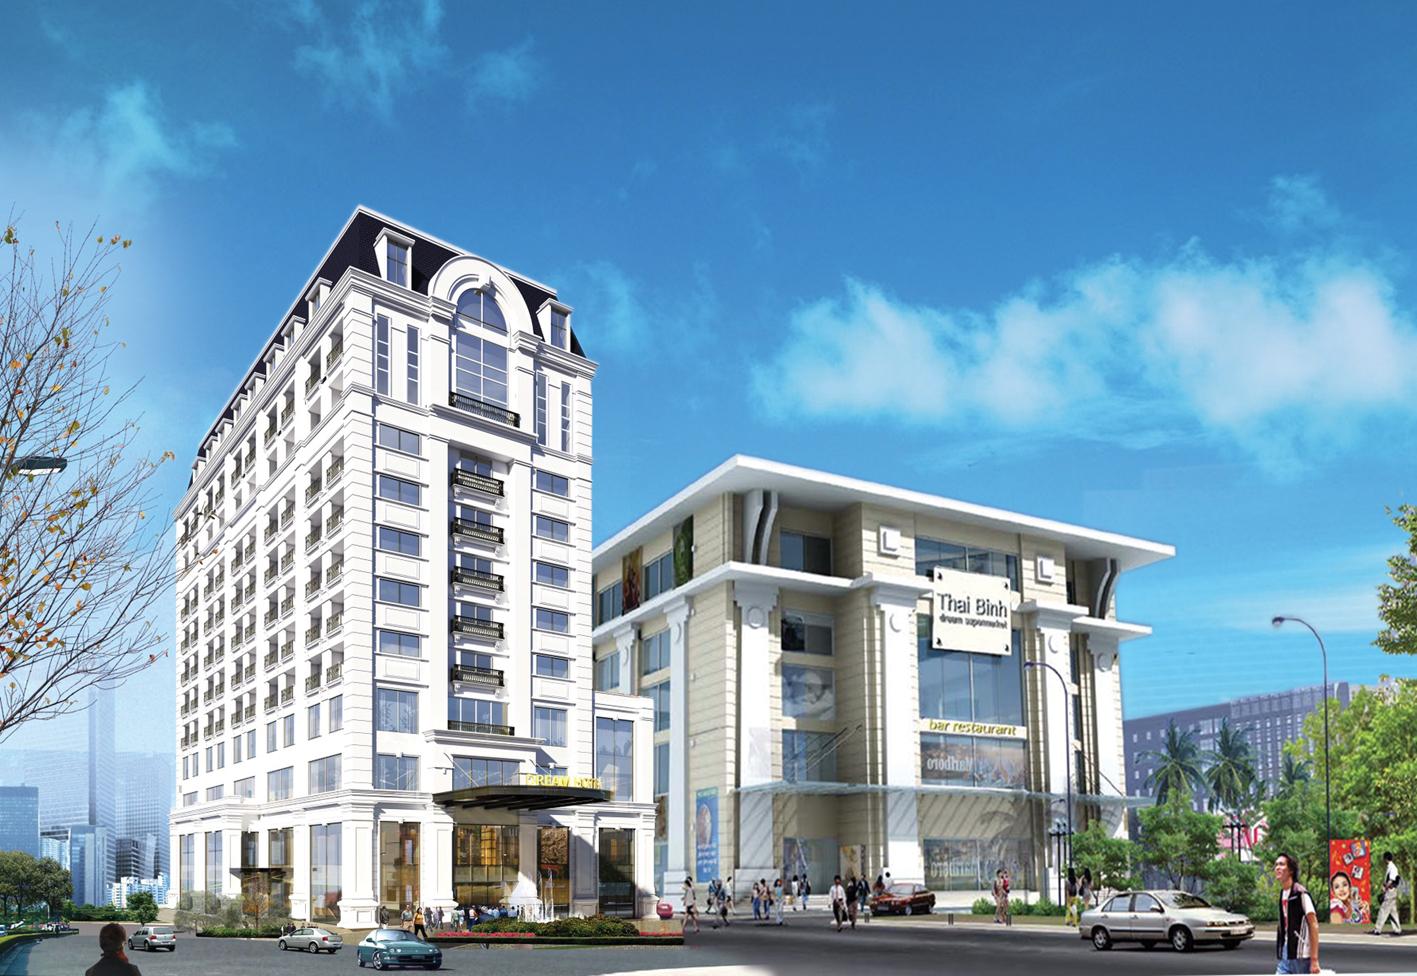 Geleximco khai trương hai khu nghỉ dưỡng quy mô bậc nhất Thái Bình  - Ảnh 1